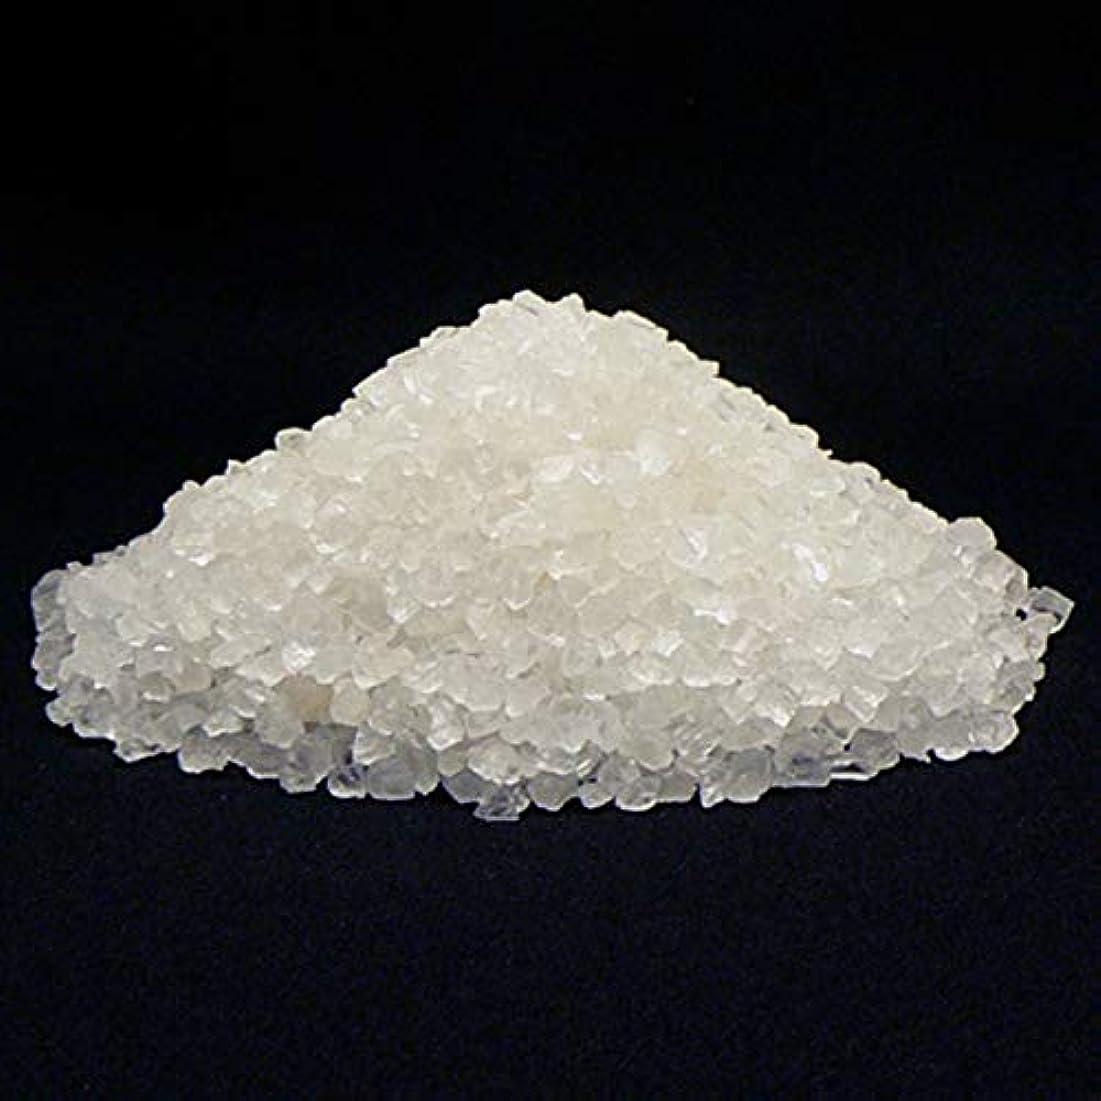 排泄する矩形避難するヒマラヤ岩塩 クリスタルソルト 入浴用 バスソルト(小粒)クリスタル岩塩 白岩塩 (1kg+250g増量)